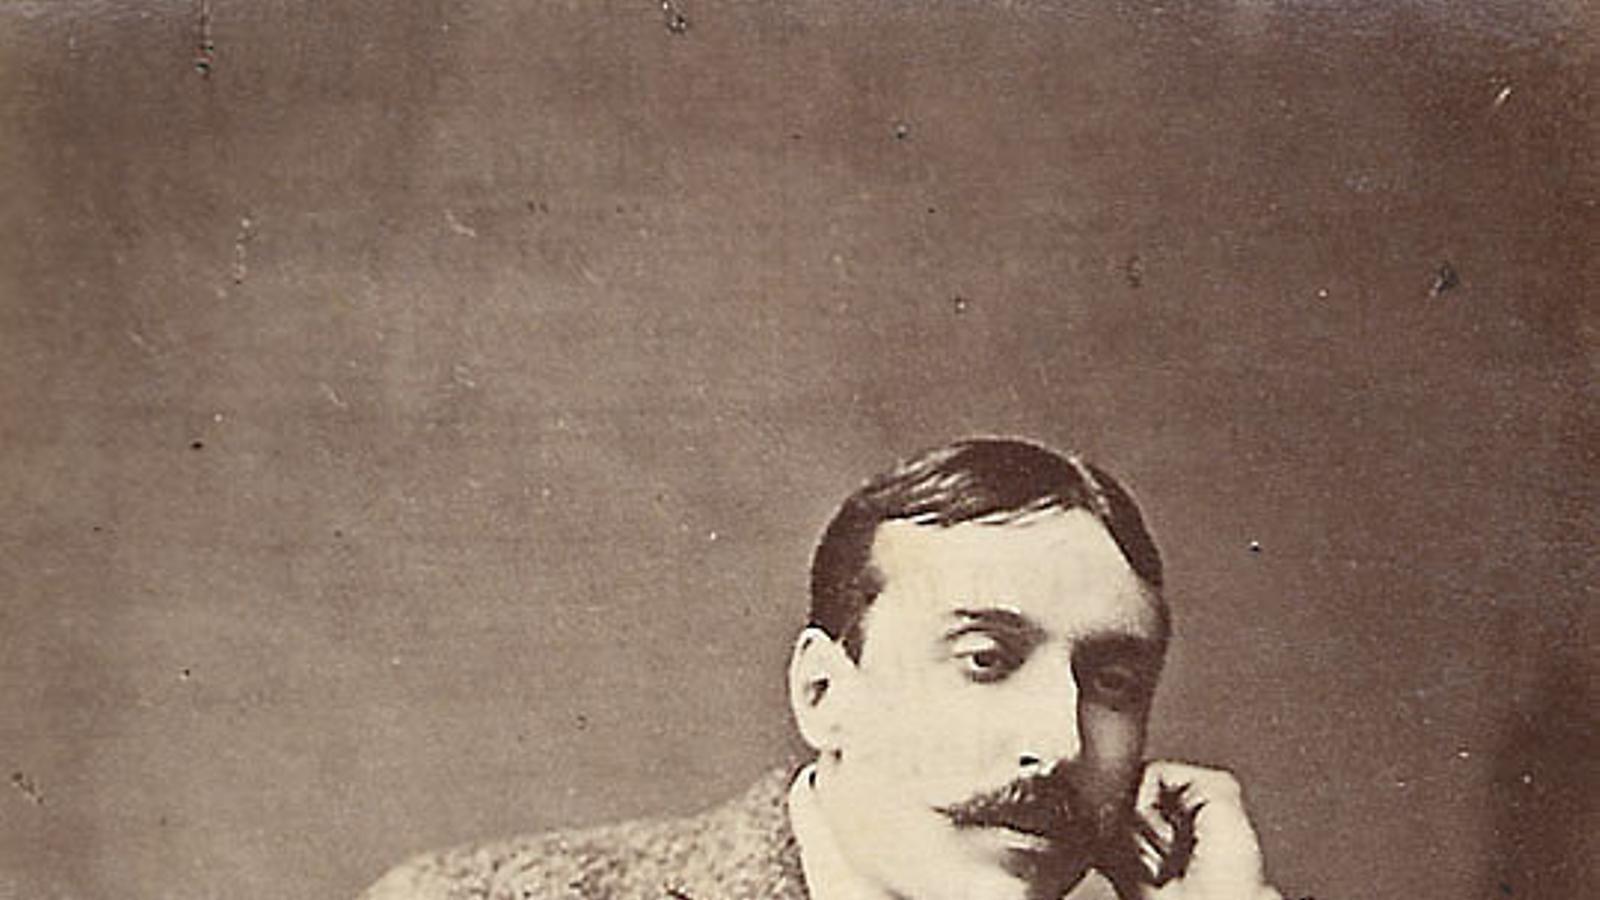 Retrat de l'escriptor realista portuguès José Maria Eça de Queiroz.